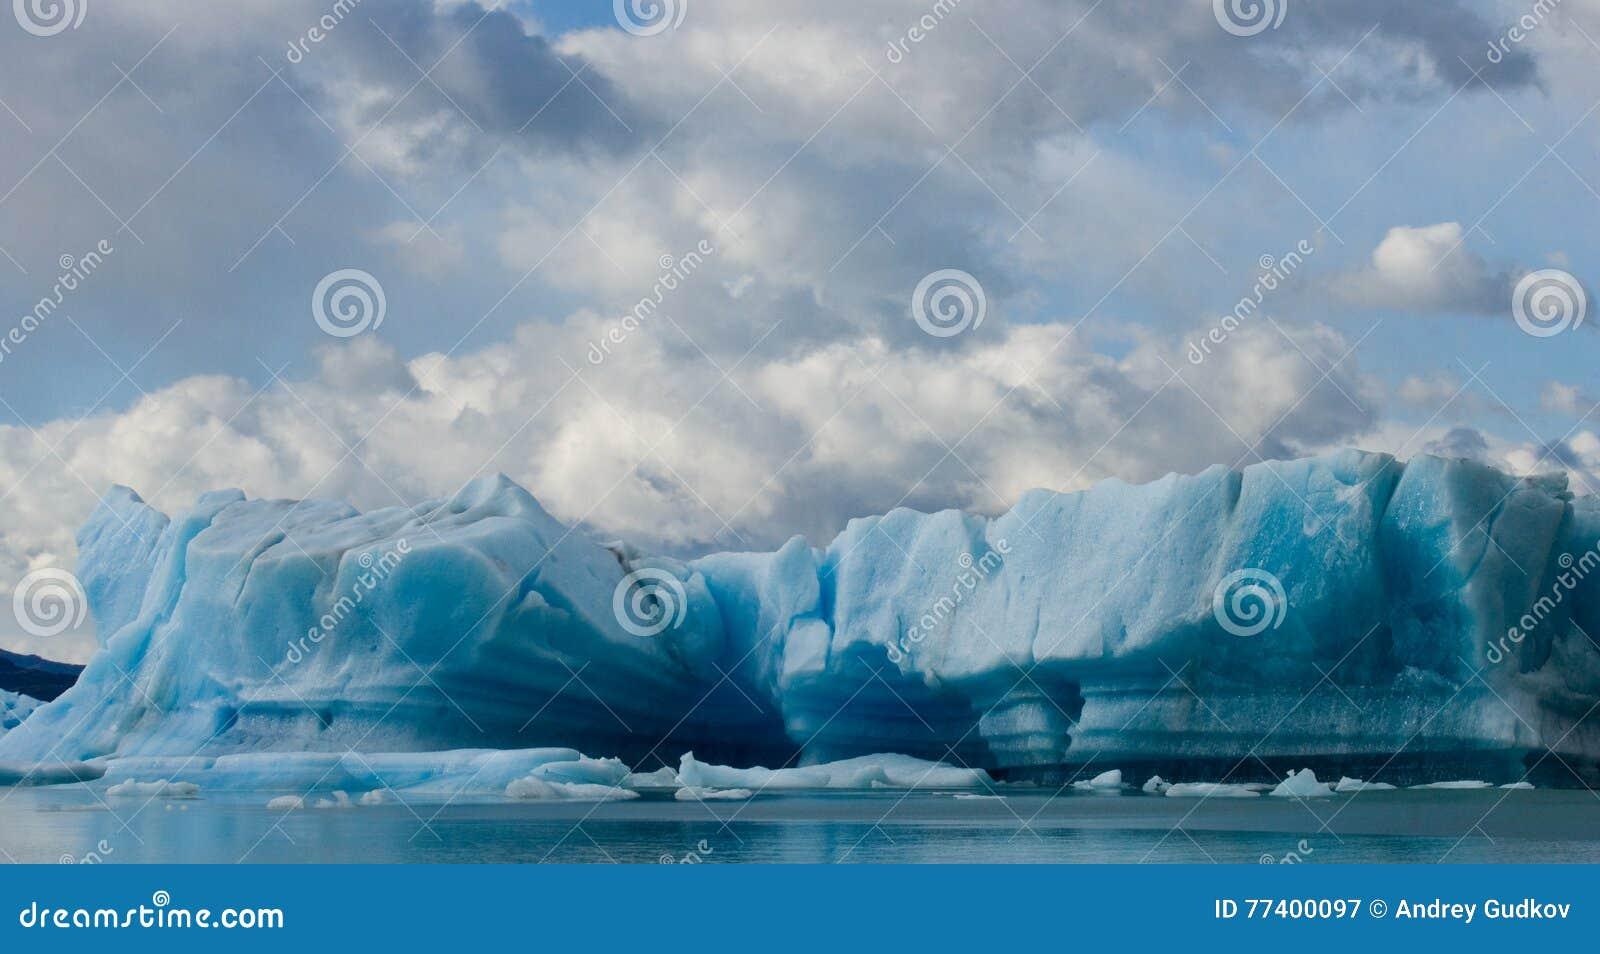 Icebergs in the water, the glacier Perito Moreno. Argentina.